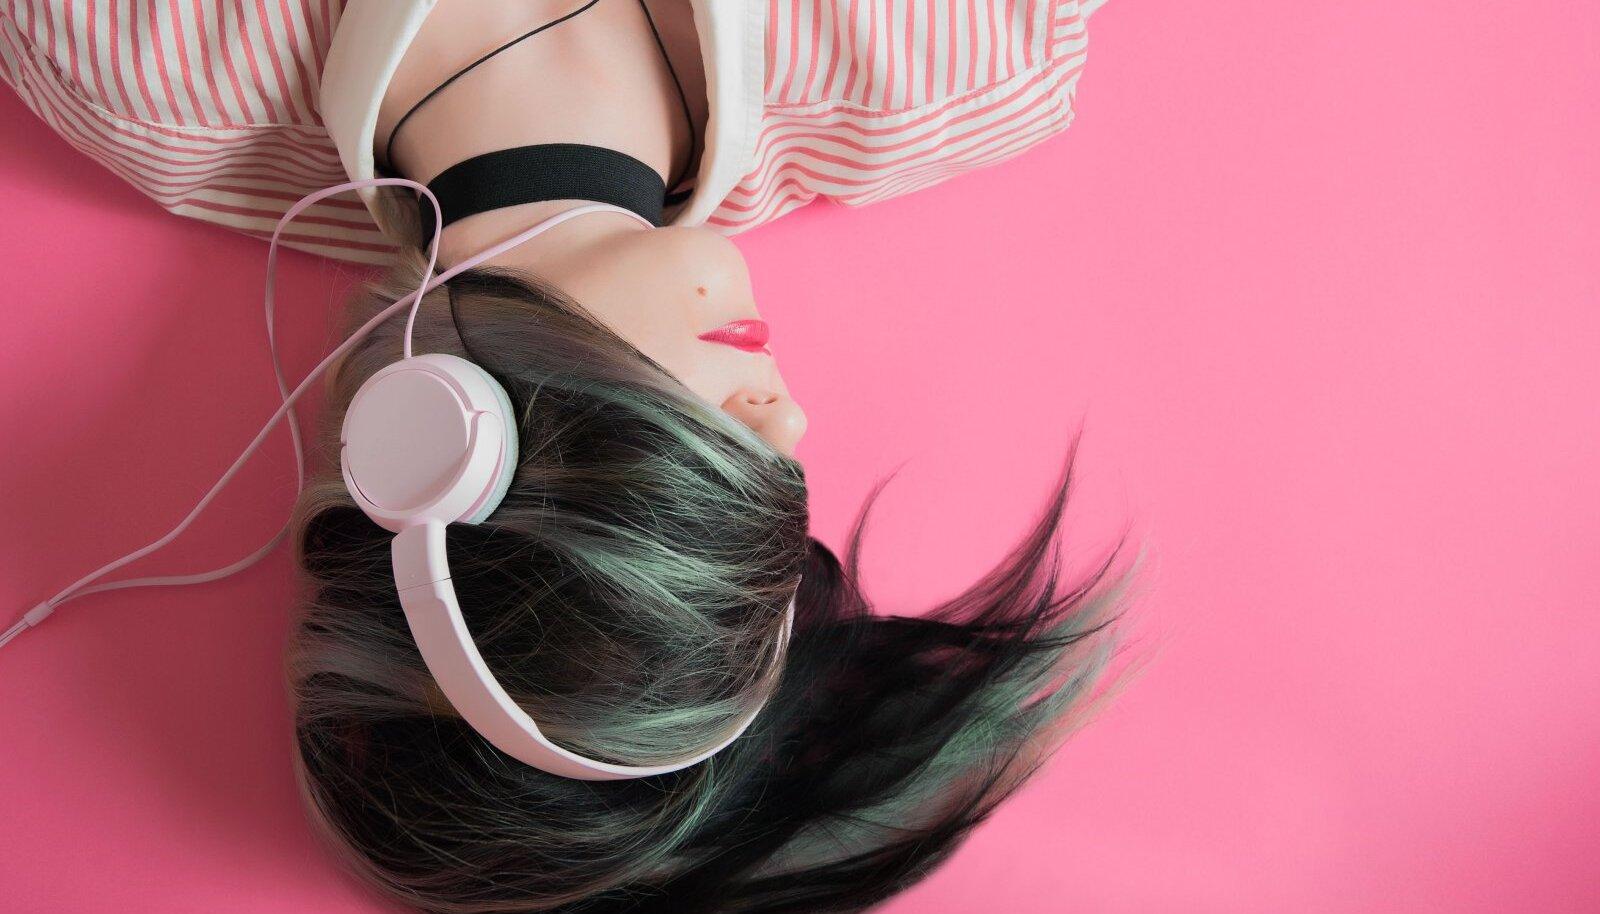 Kuias sina muusikat kuulad?